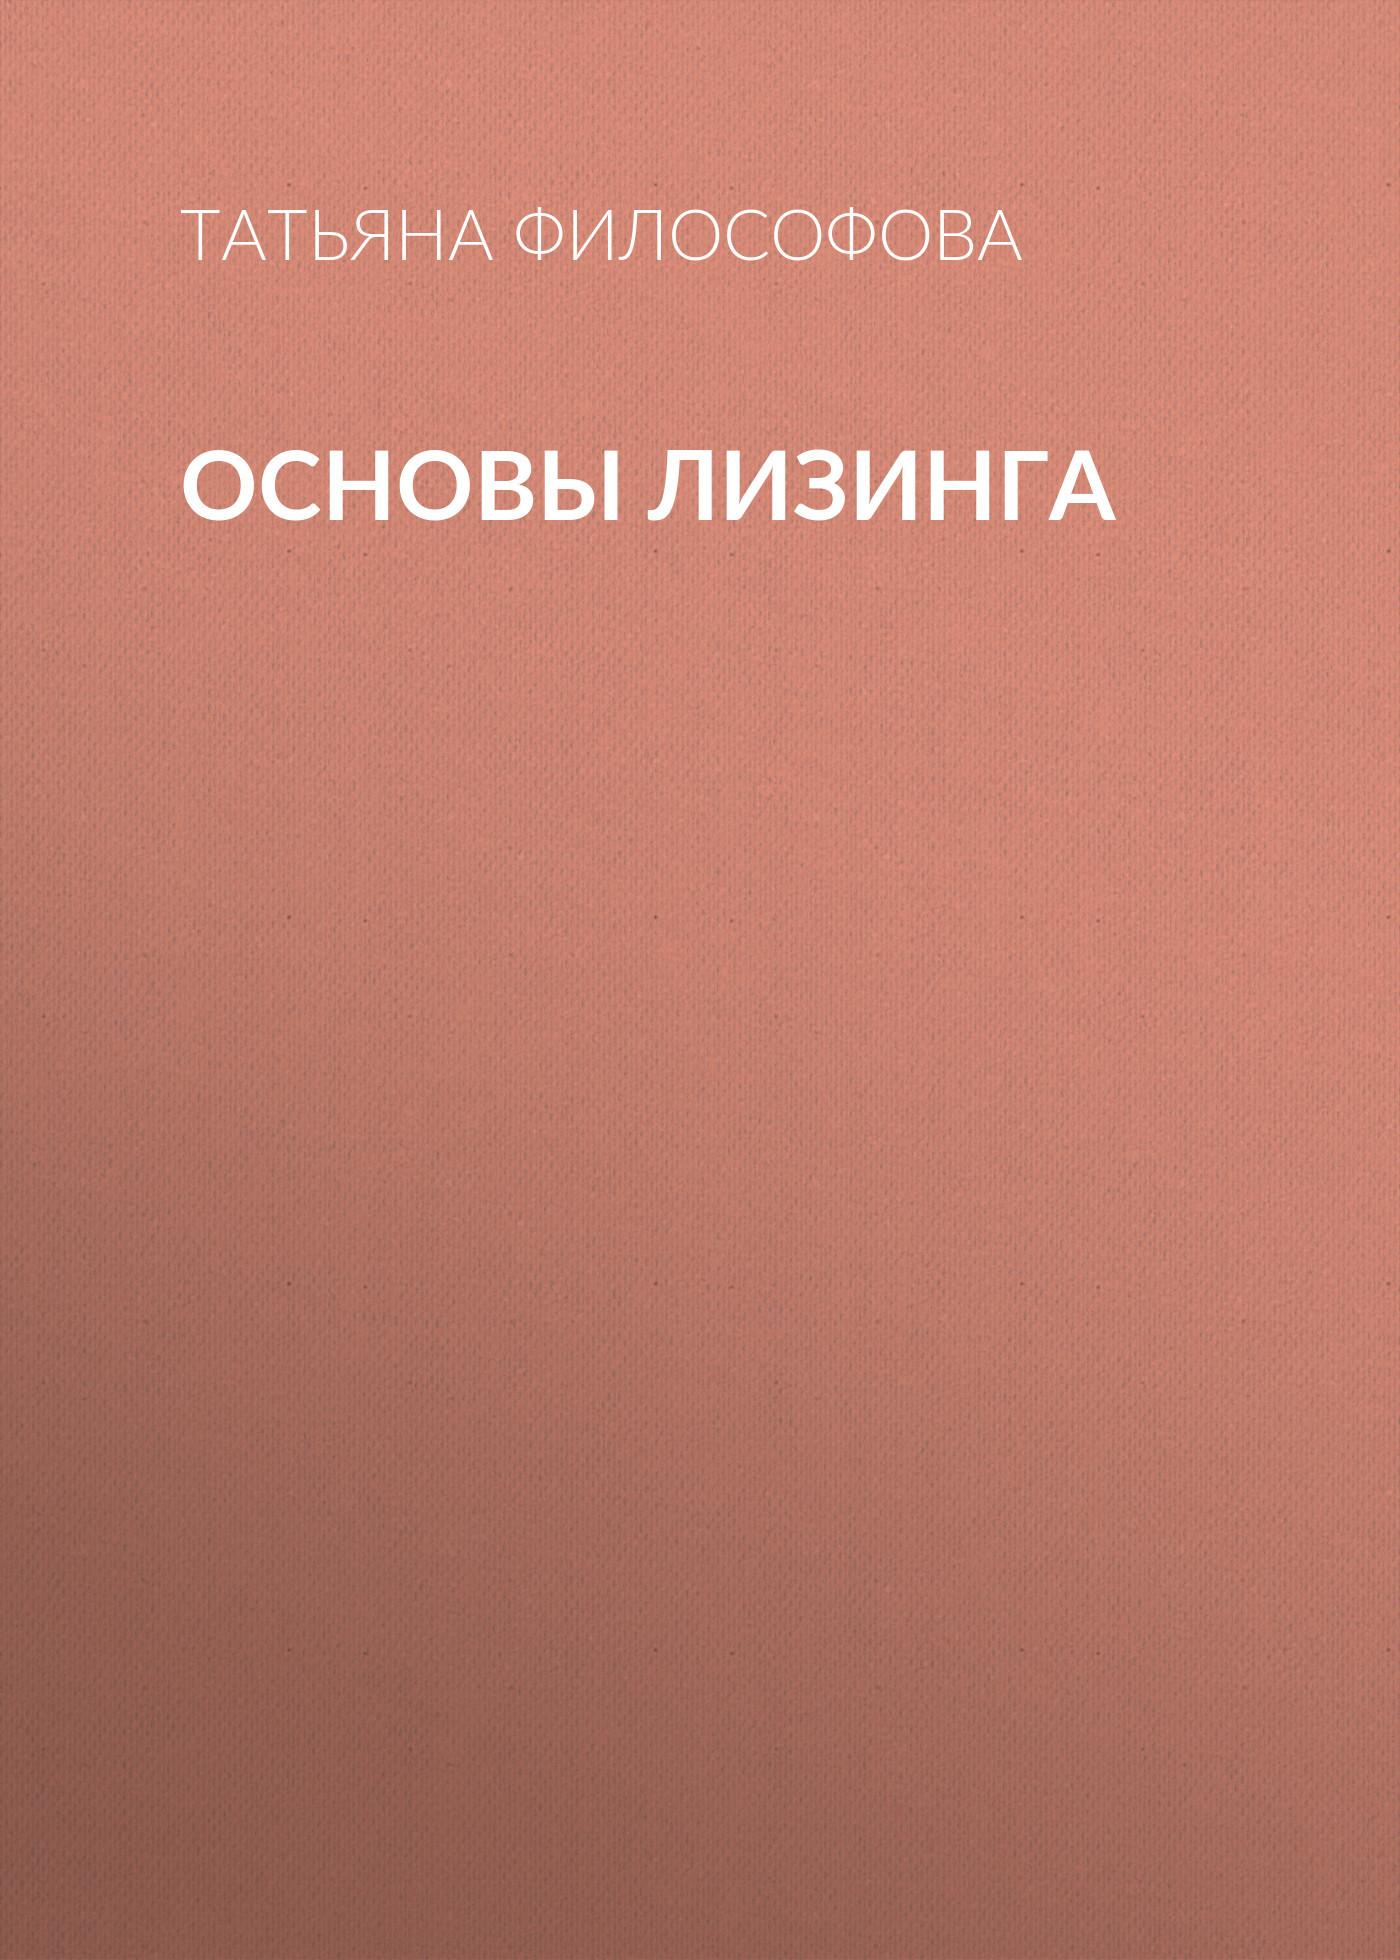 Татьяна Философова. Основы лизинга